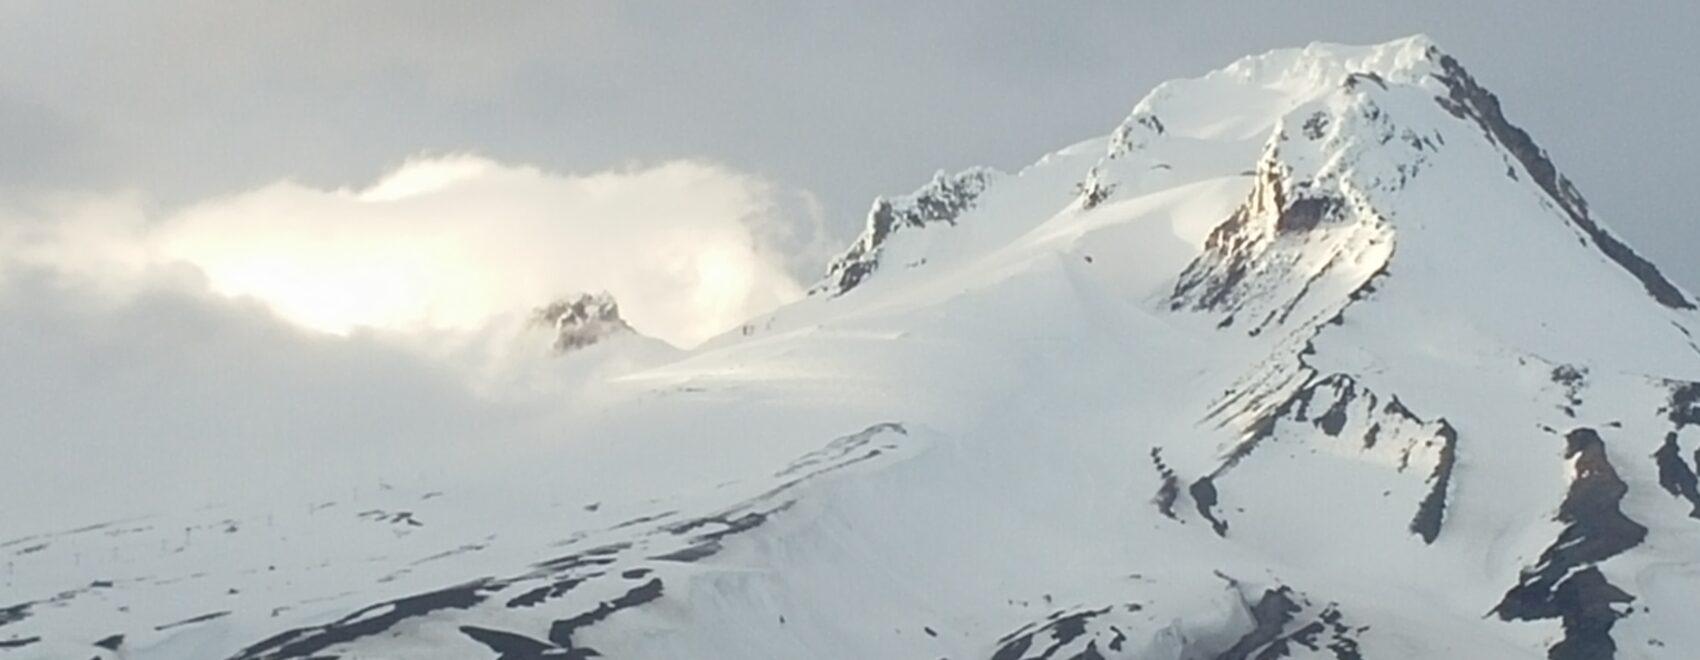 Mount Hood W'East Telemark Camp